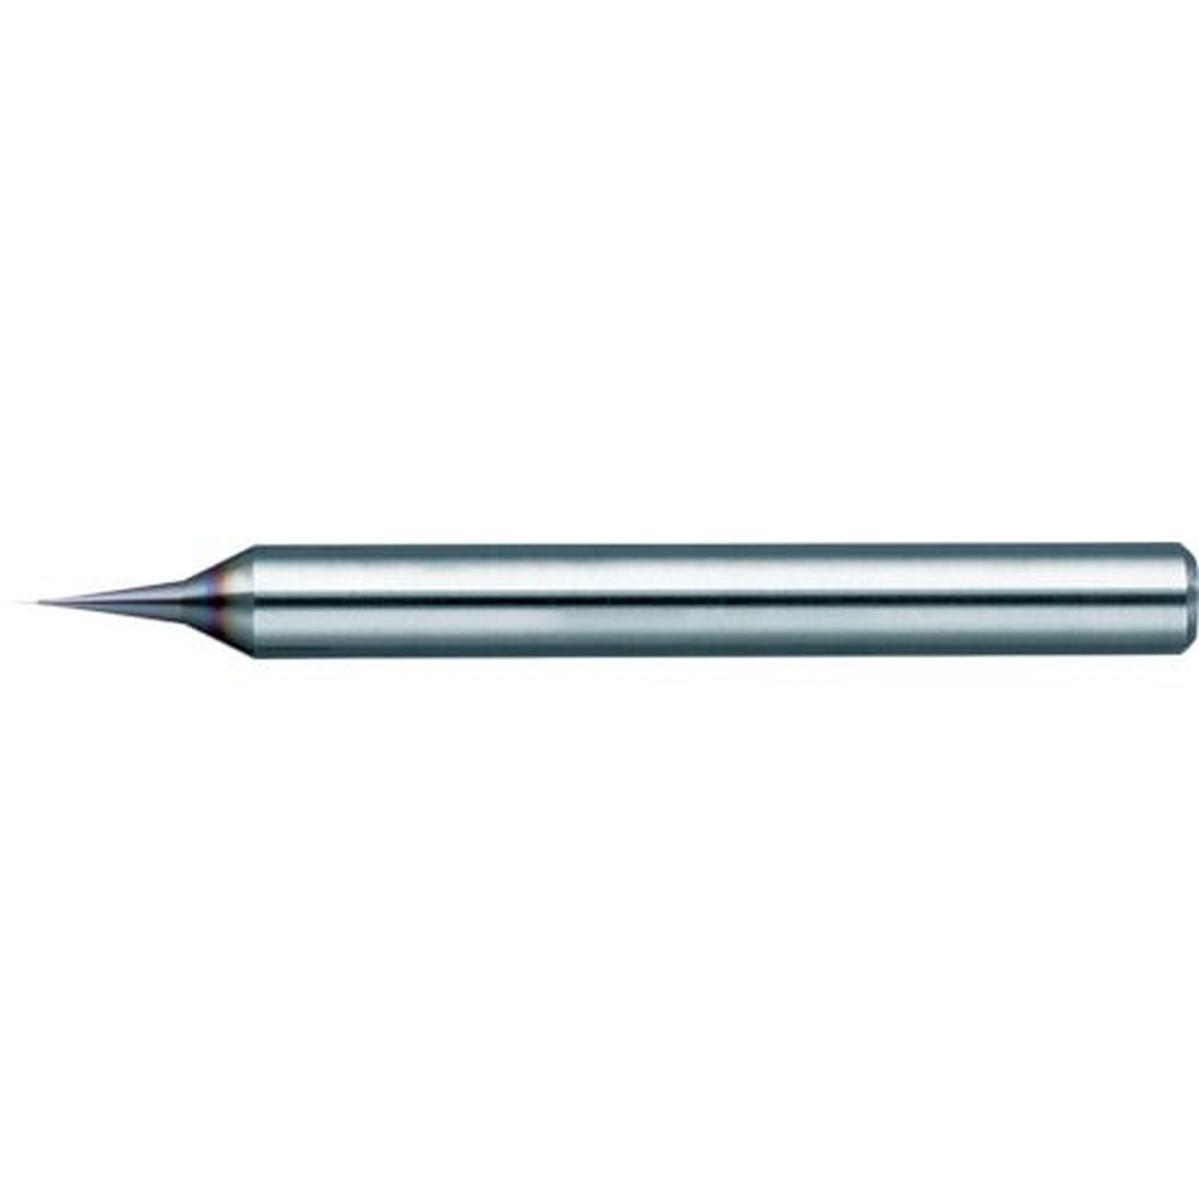 正規品送料無料 あす楽対応 2020新作 DIY用品 NS 無限マイクロCOAT 0.06X0.6 1本 マイクロドリル NSMD-M